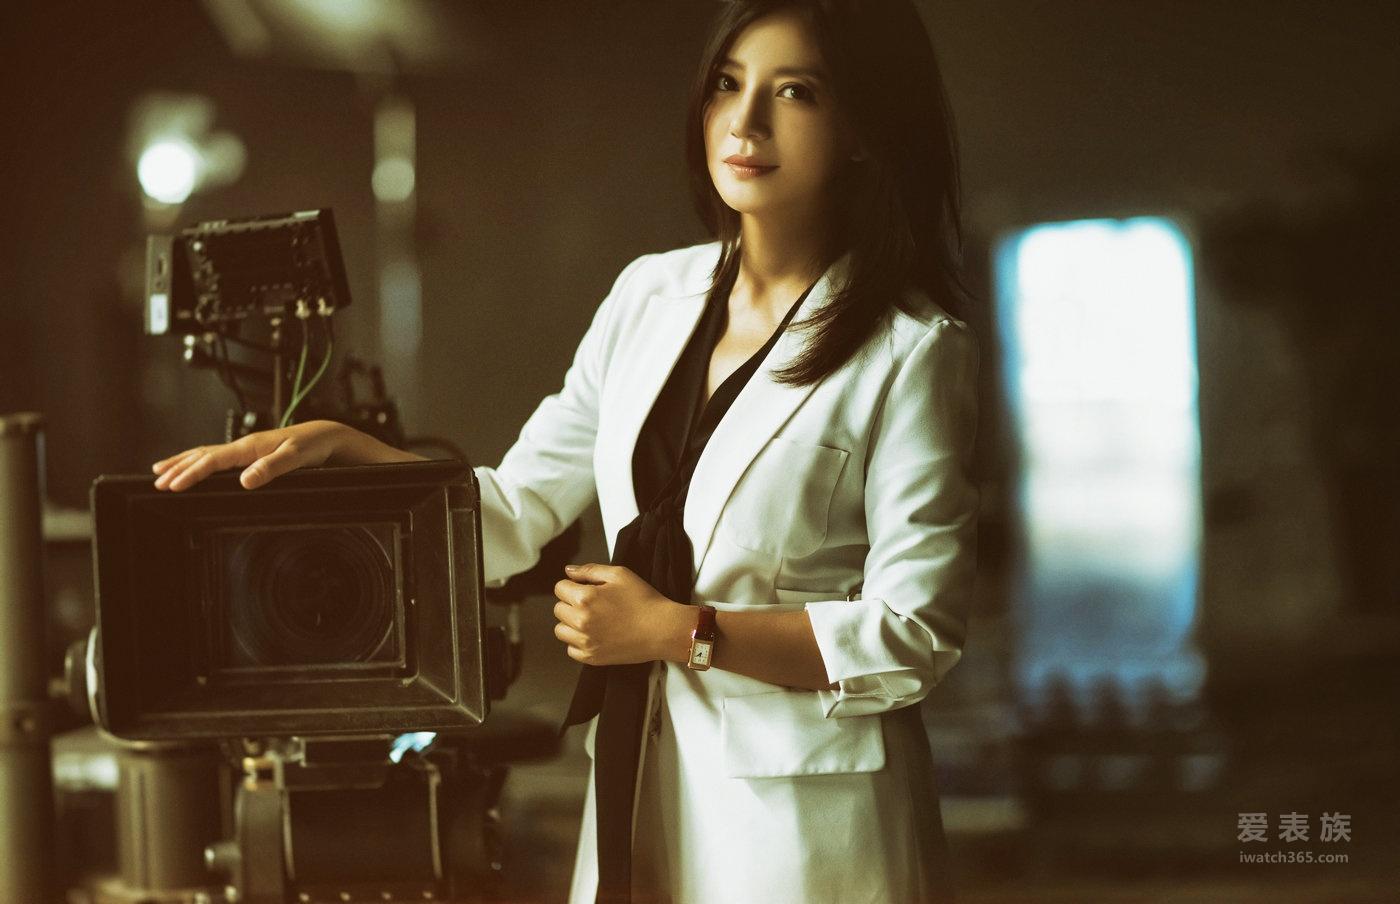 翻转之间 玲珑如一 积家品牌大使赵薇演绎灵动优雅的女性魅力